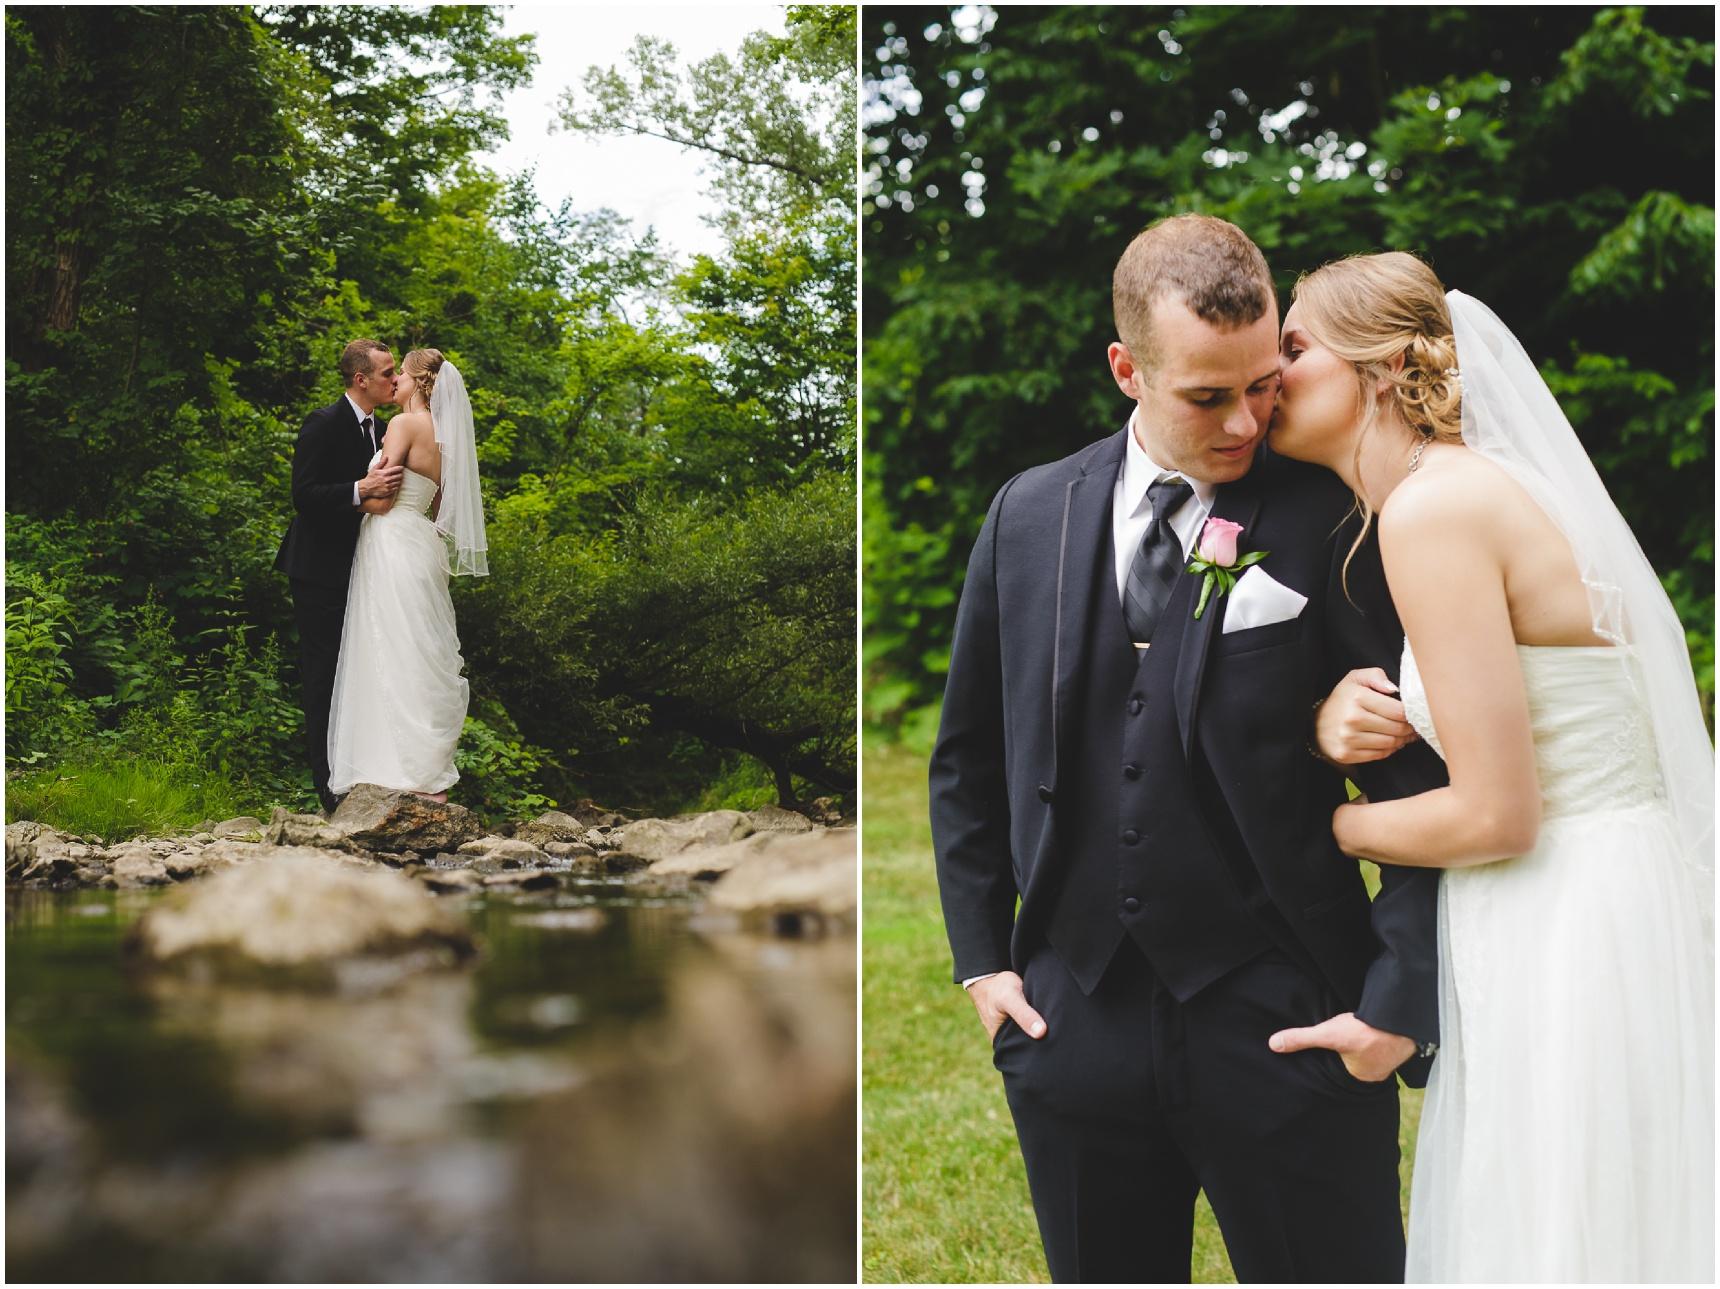 Buffalo-Avanti-Wedding-Photographer_038.jpg